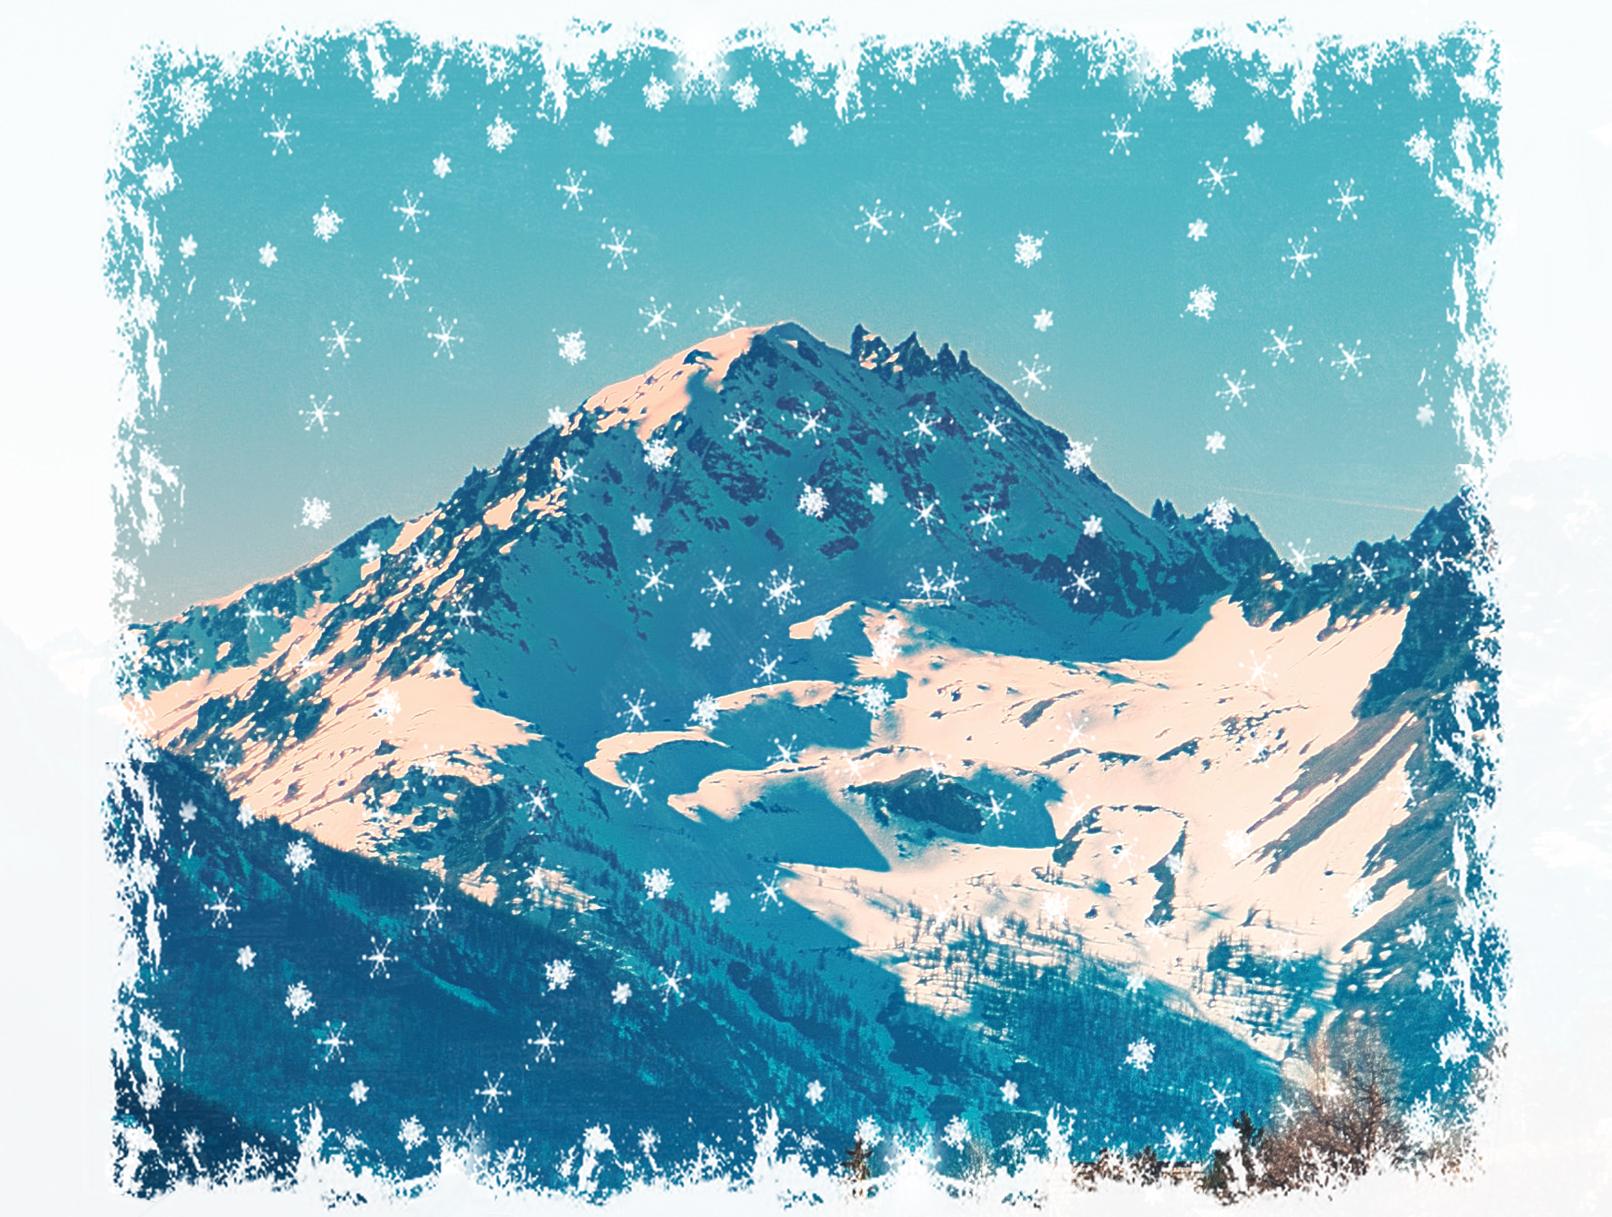 6-11 ans: Le réveil des Alpes